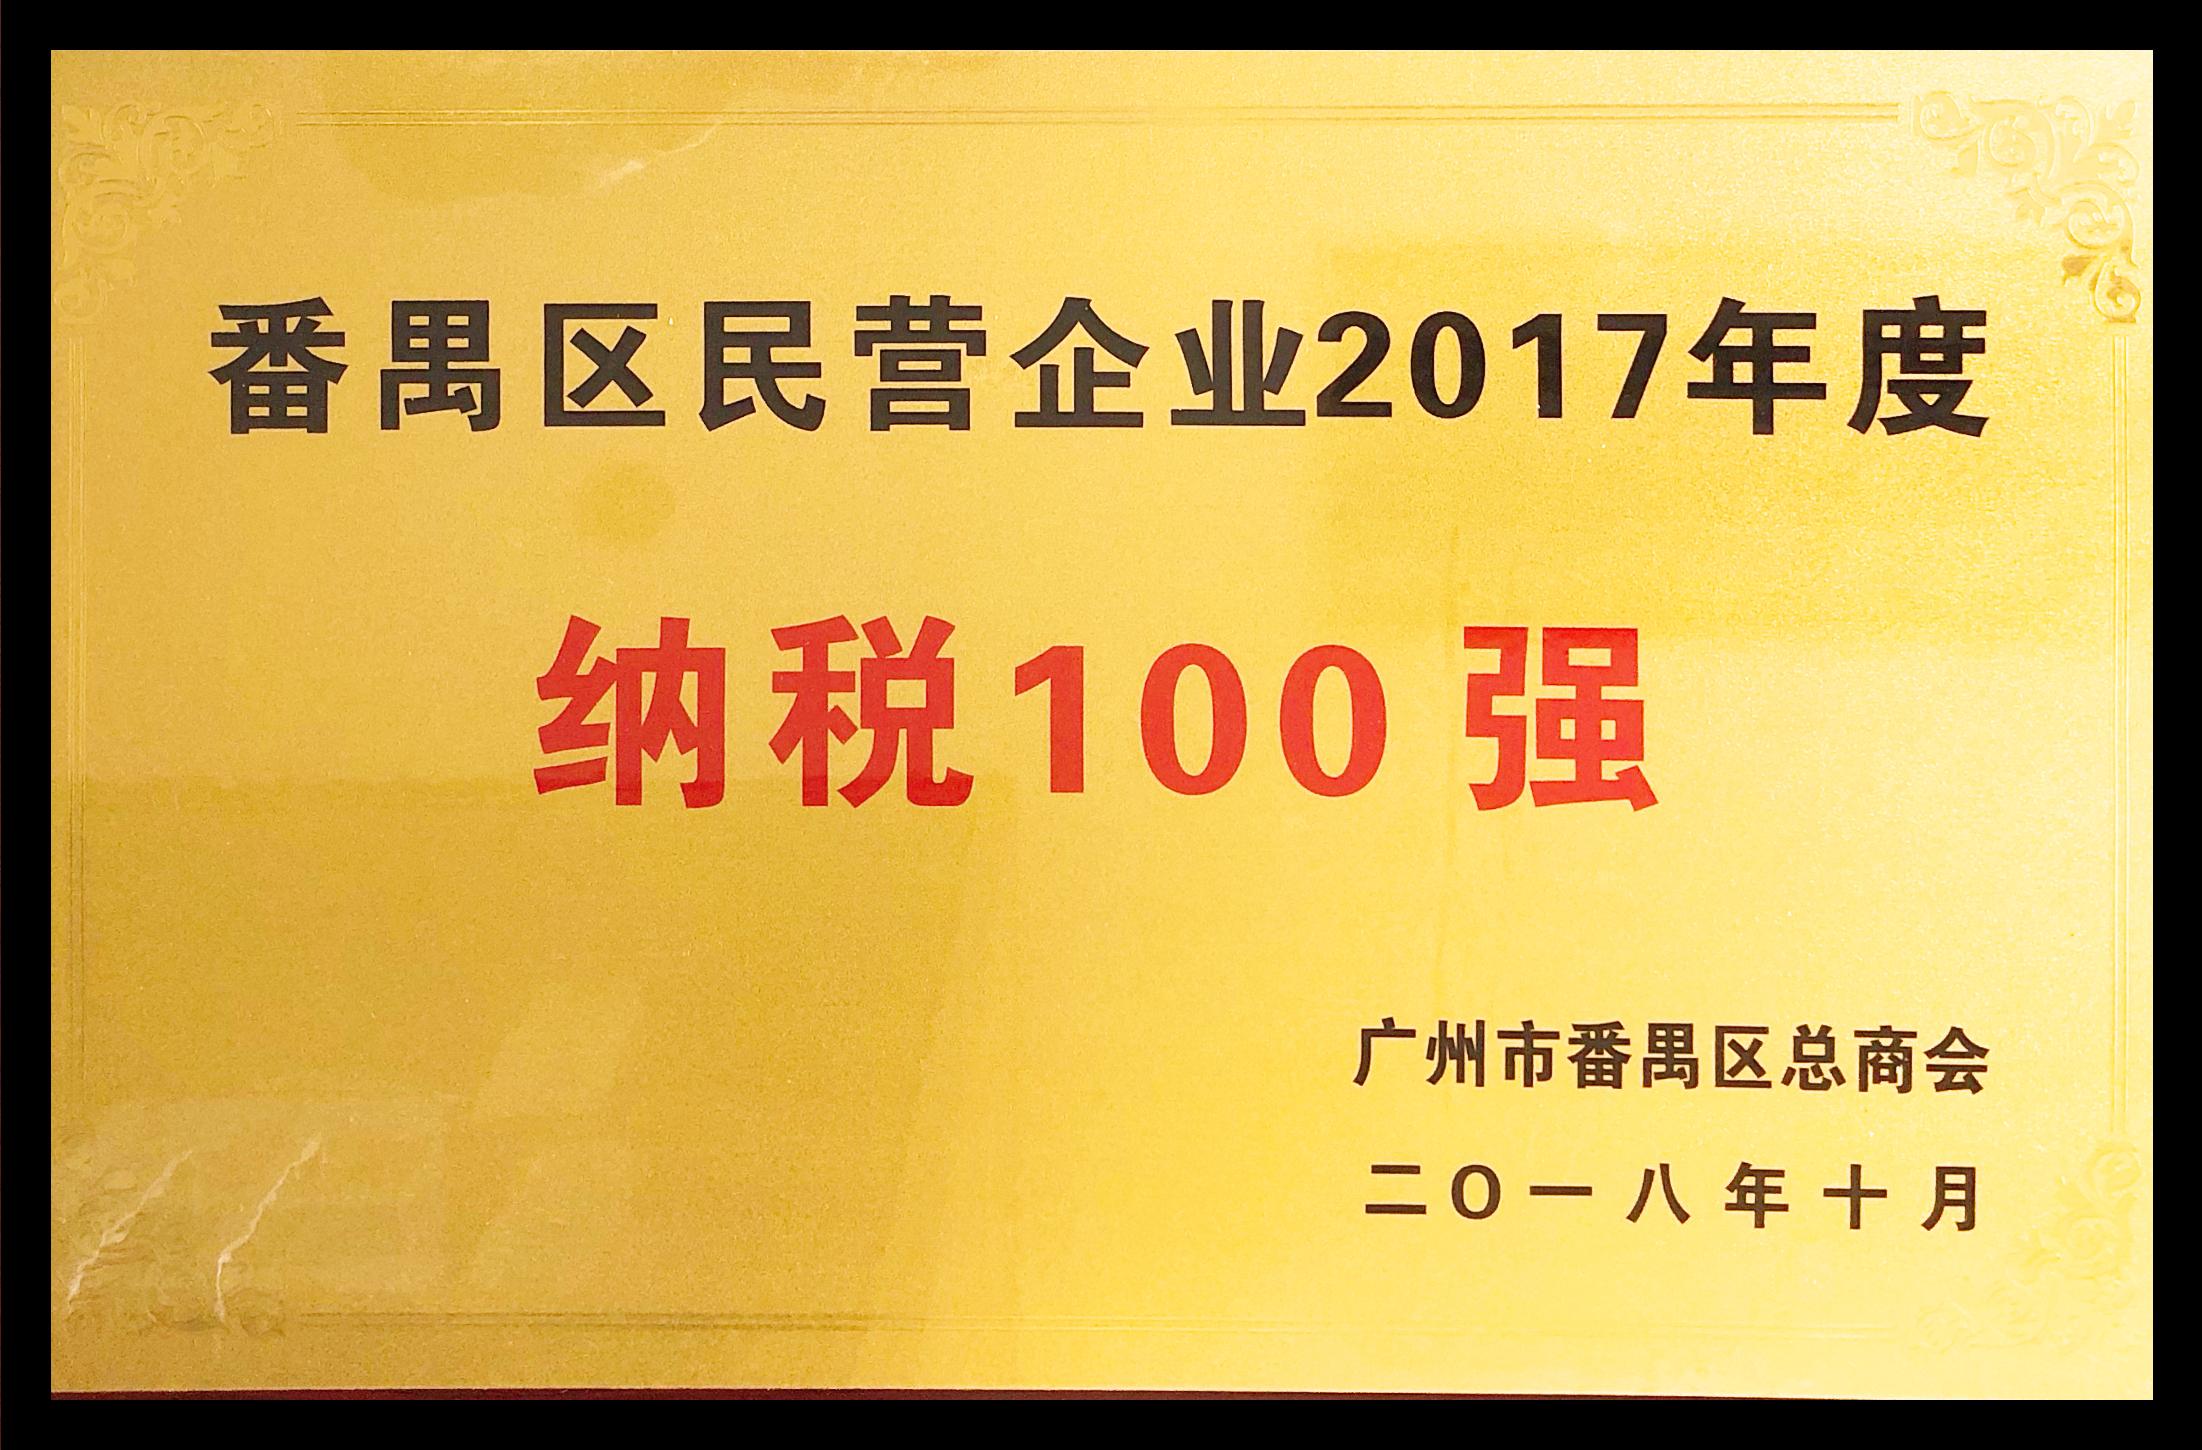 番禺區民營企業2017年度納稅100強